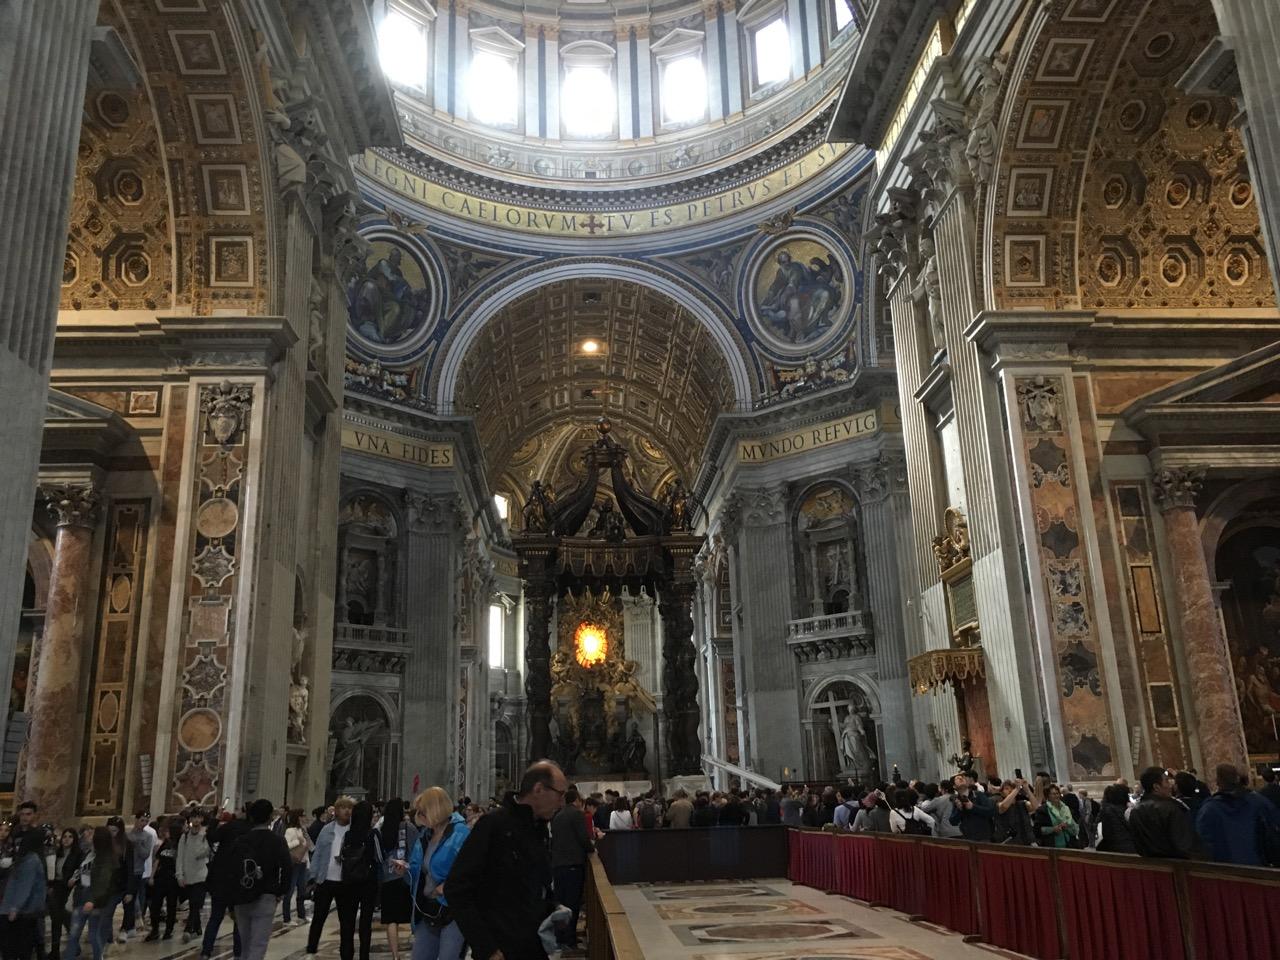 下楼后就到了圣彼得大教堂里面,金碧辉煌